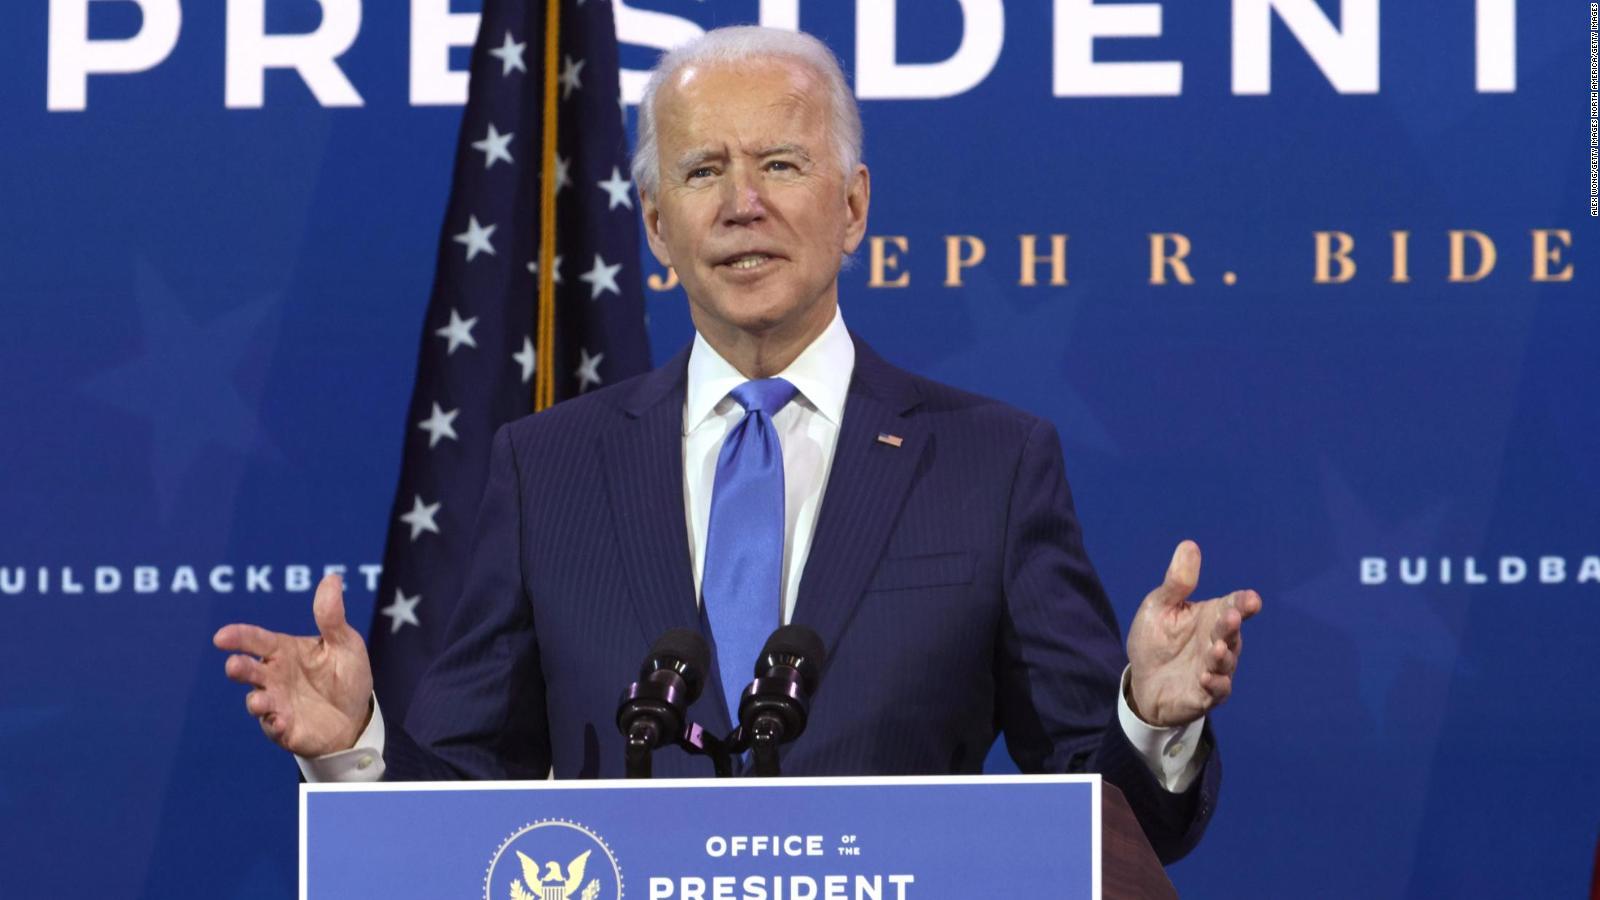 Biden enfrenta una creciente presión para hacer más diverso su gabinete